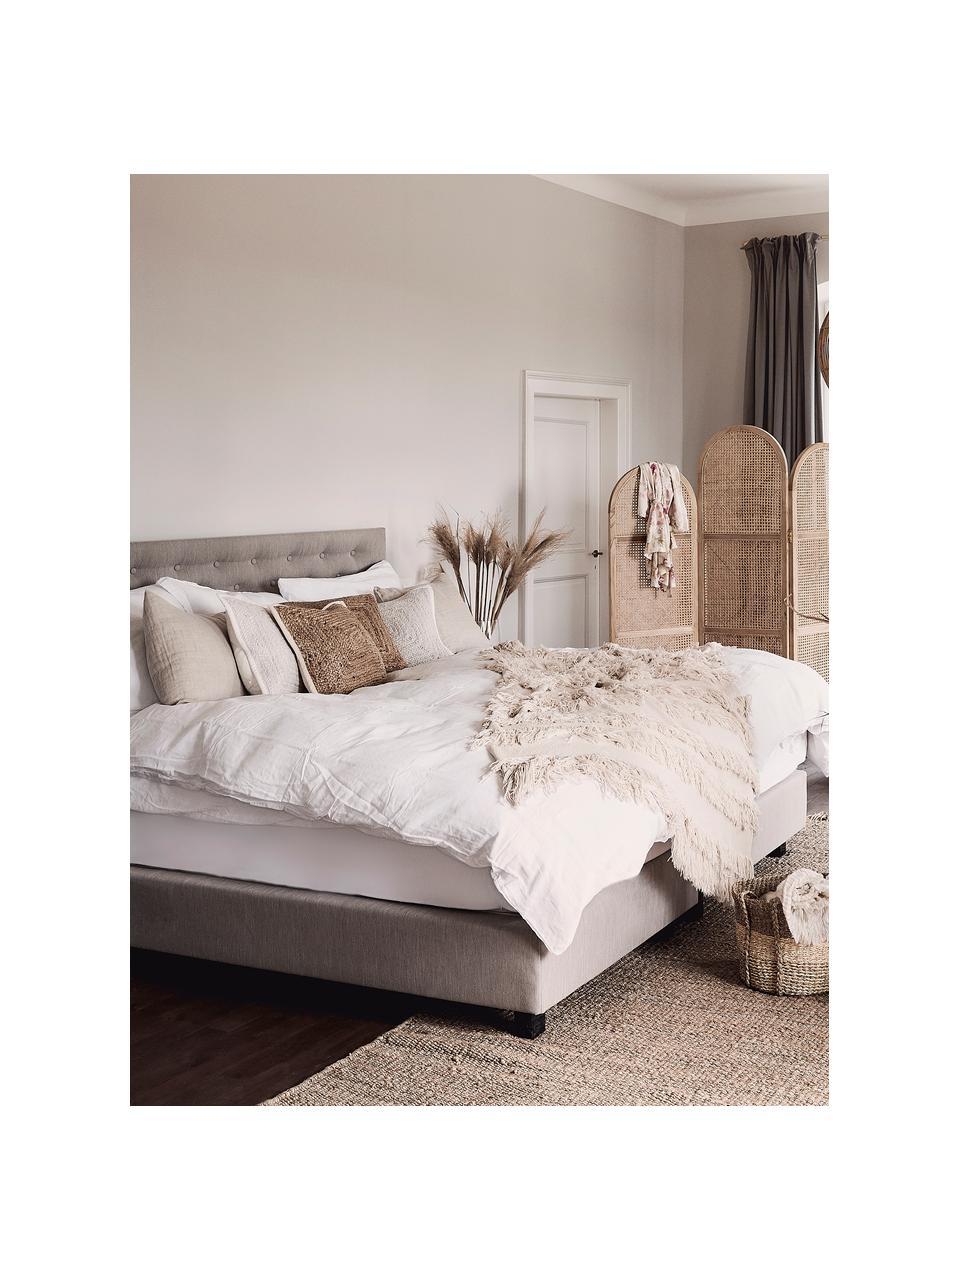 Pościel z lnu z efektem sprania Nature, Biały, 135 x 200 cm + 1 poduszka 80 x 80 cm